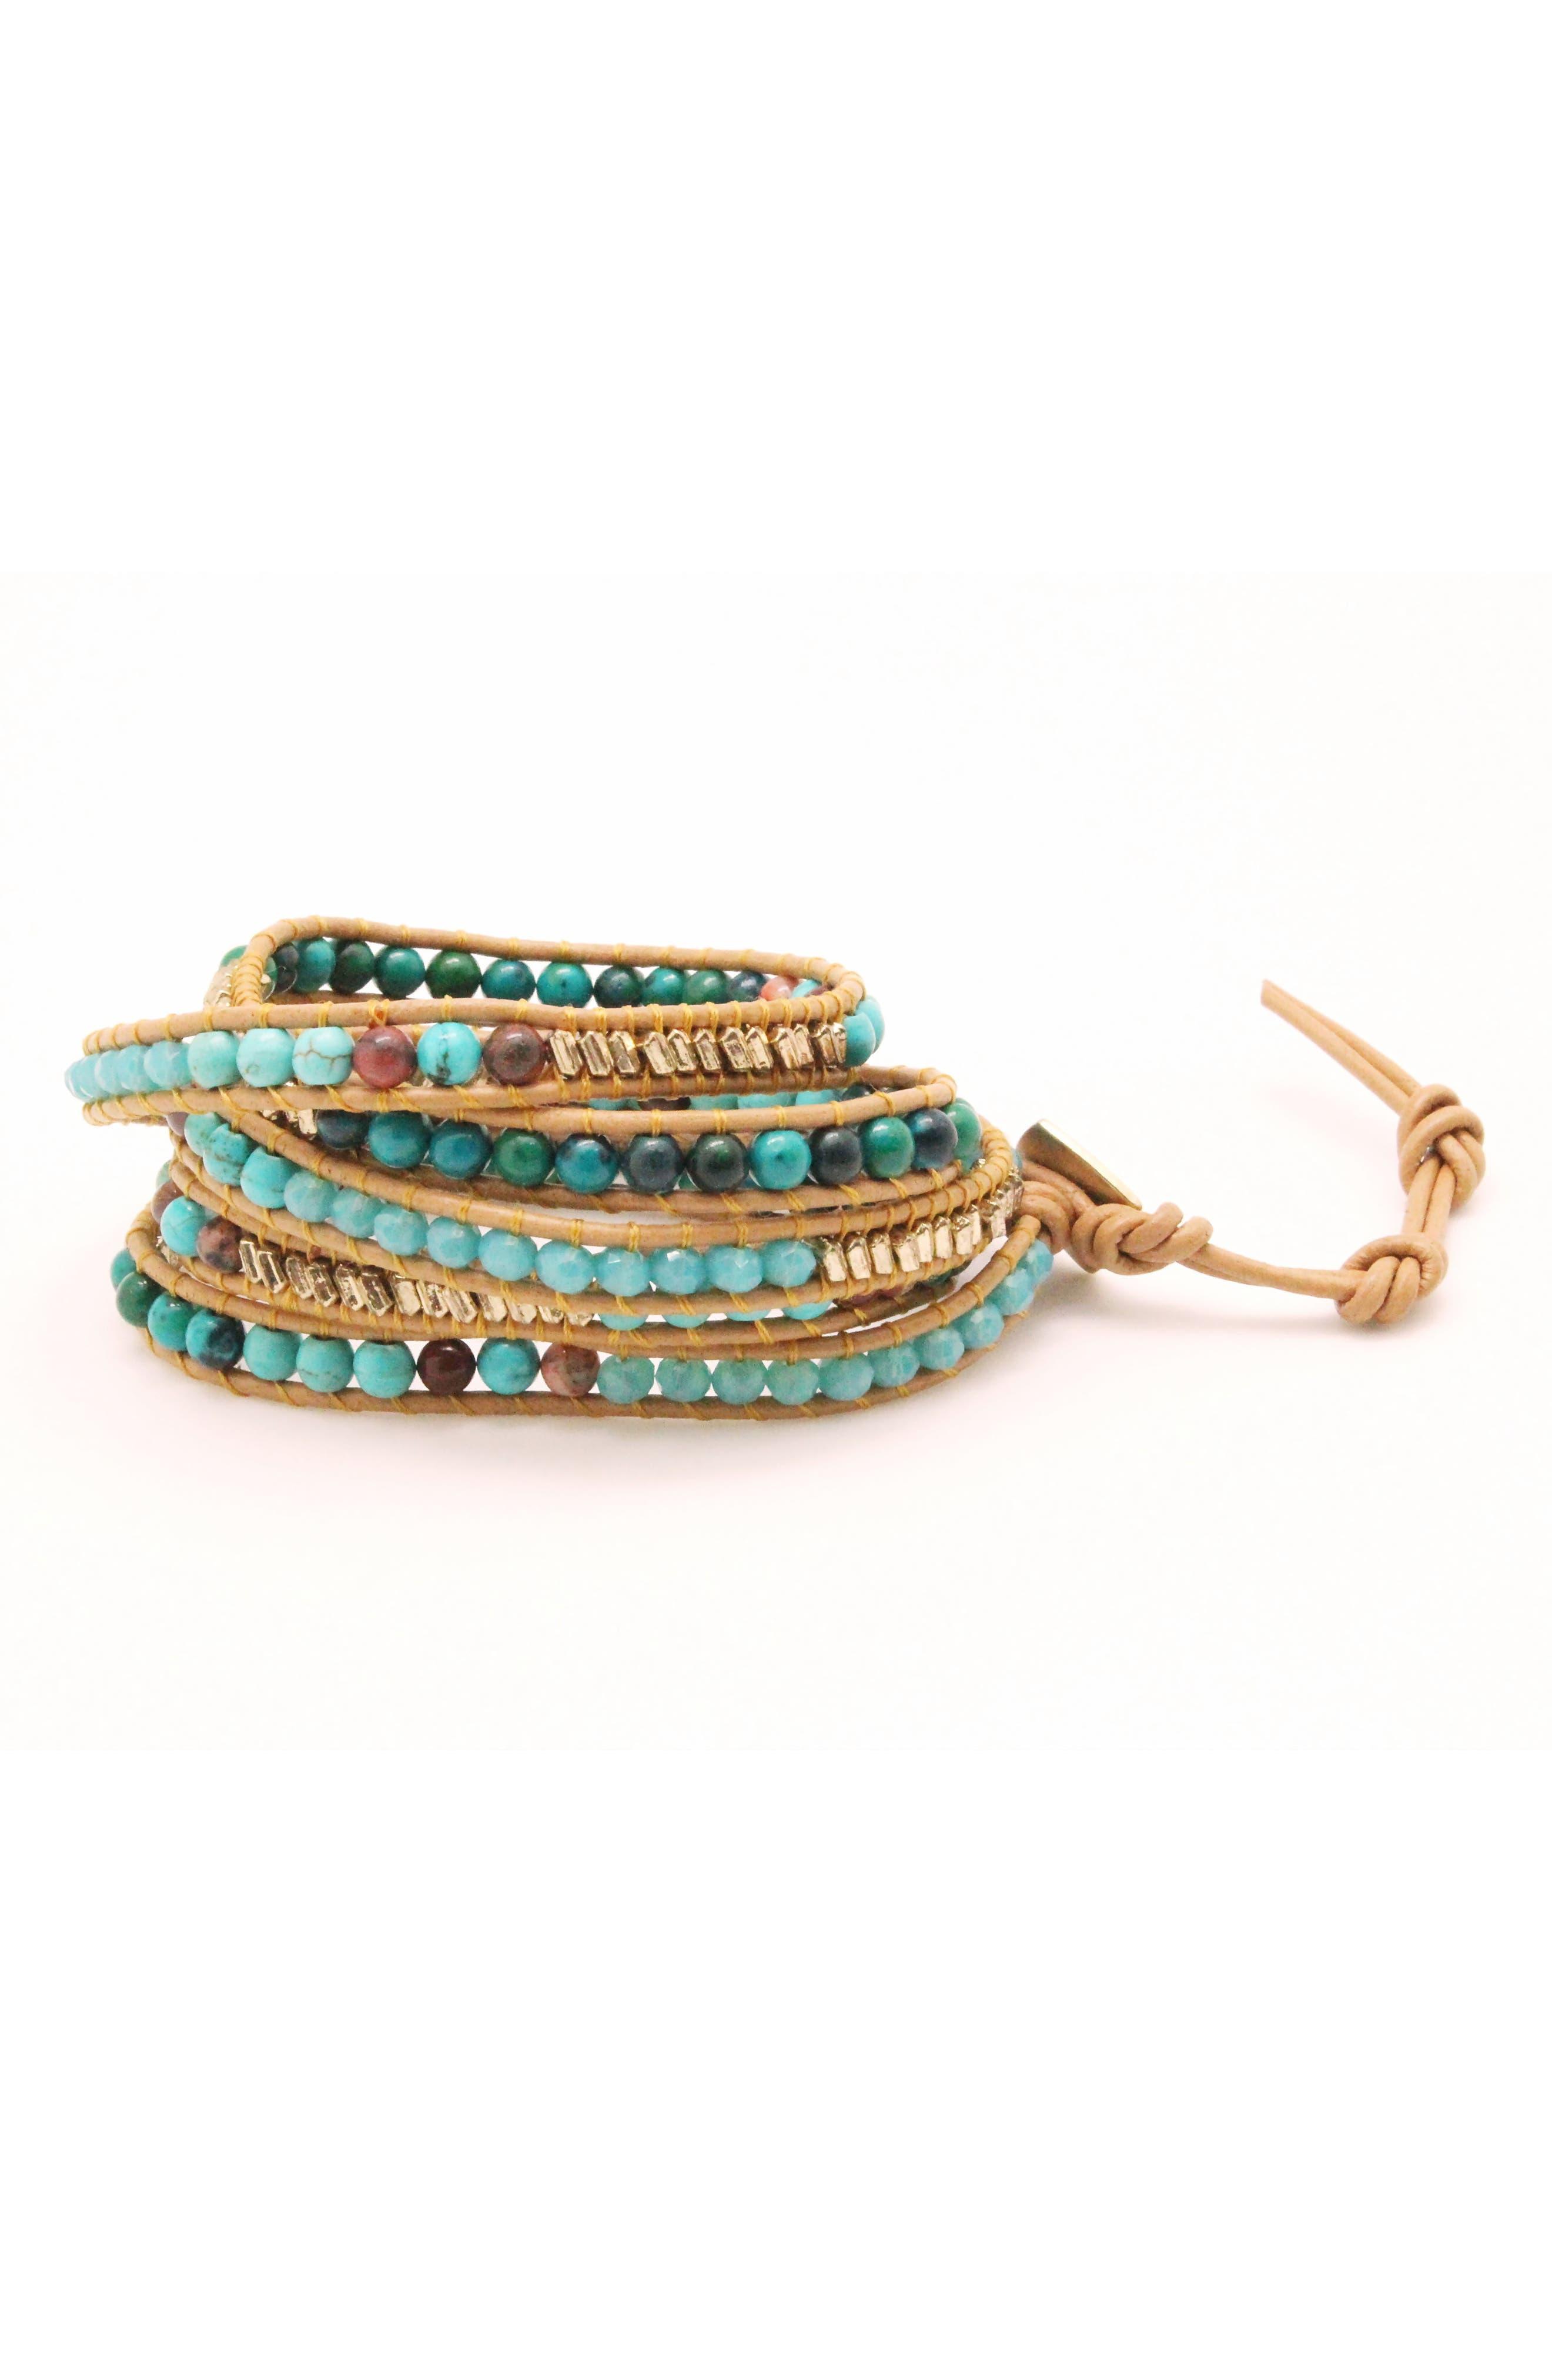 Beaded Stone & Metal Wrap Bracelet,                             Main thumbnail 1, color,                             Blue/ Multi